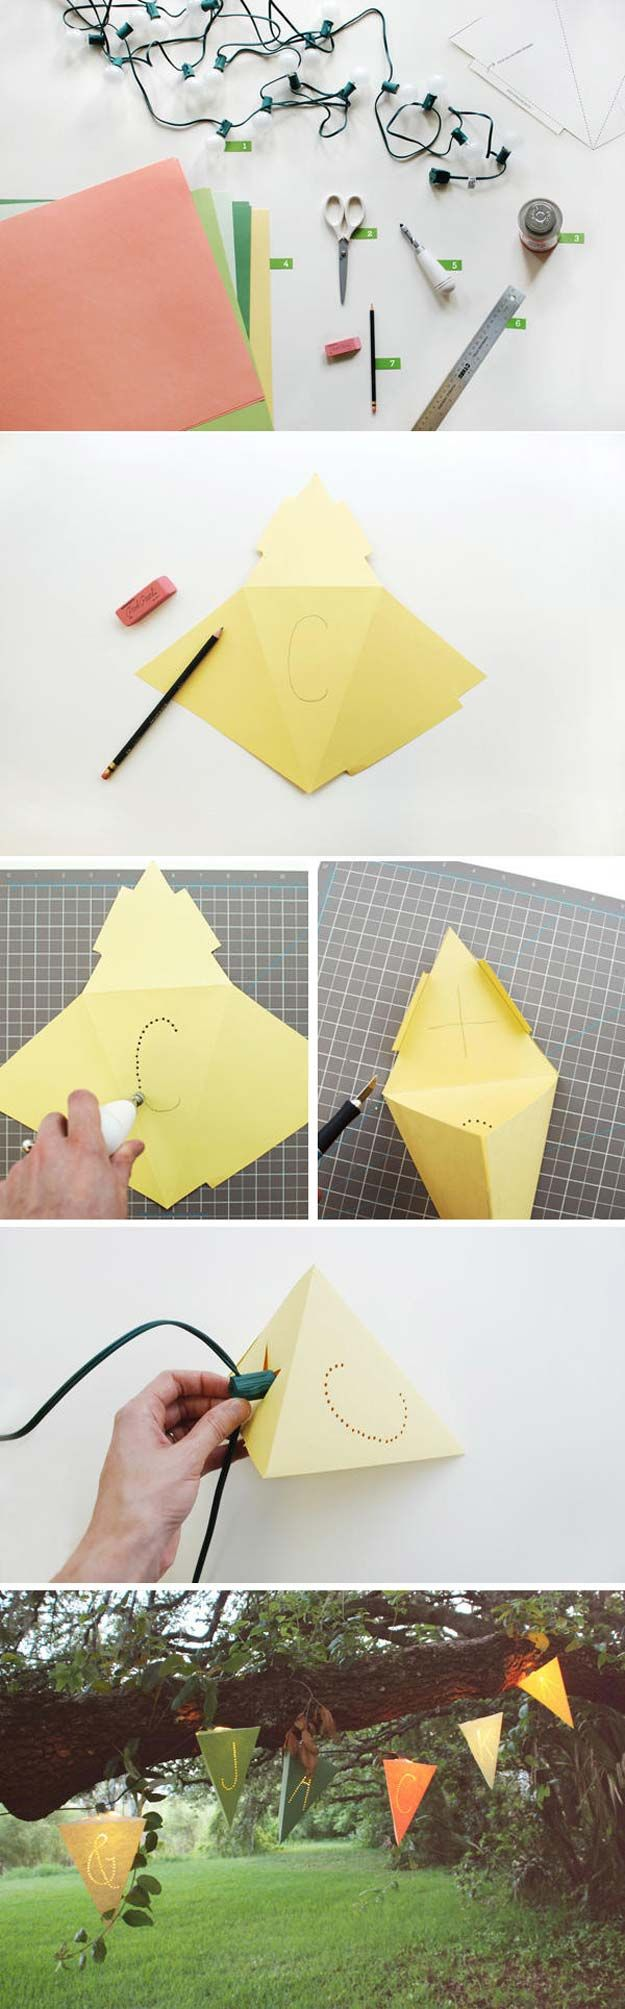 Guirnalda geométrica DIY para tus fiestas - oncewed.com - DIY Geometric Lights